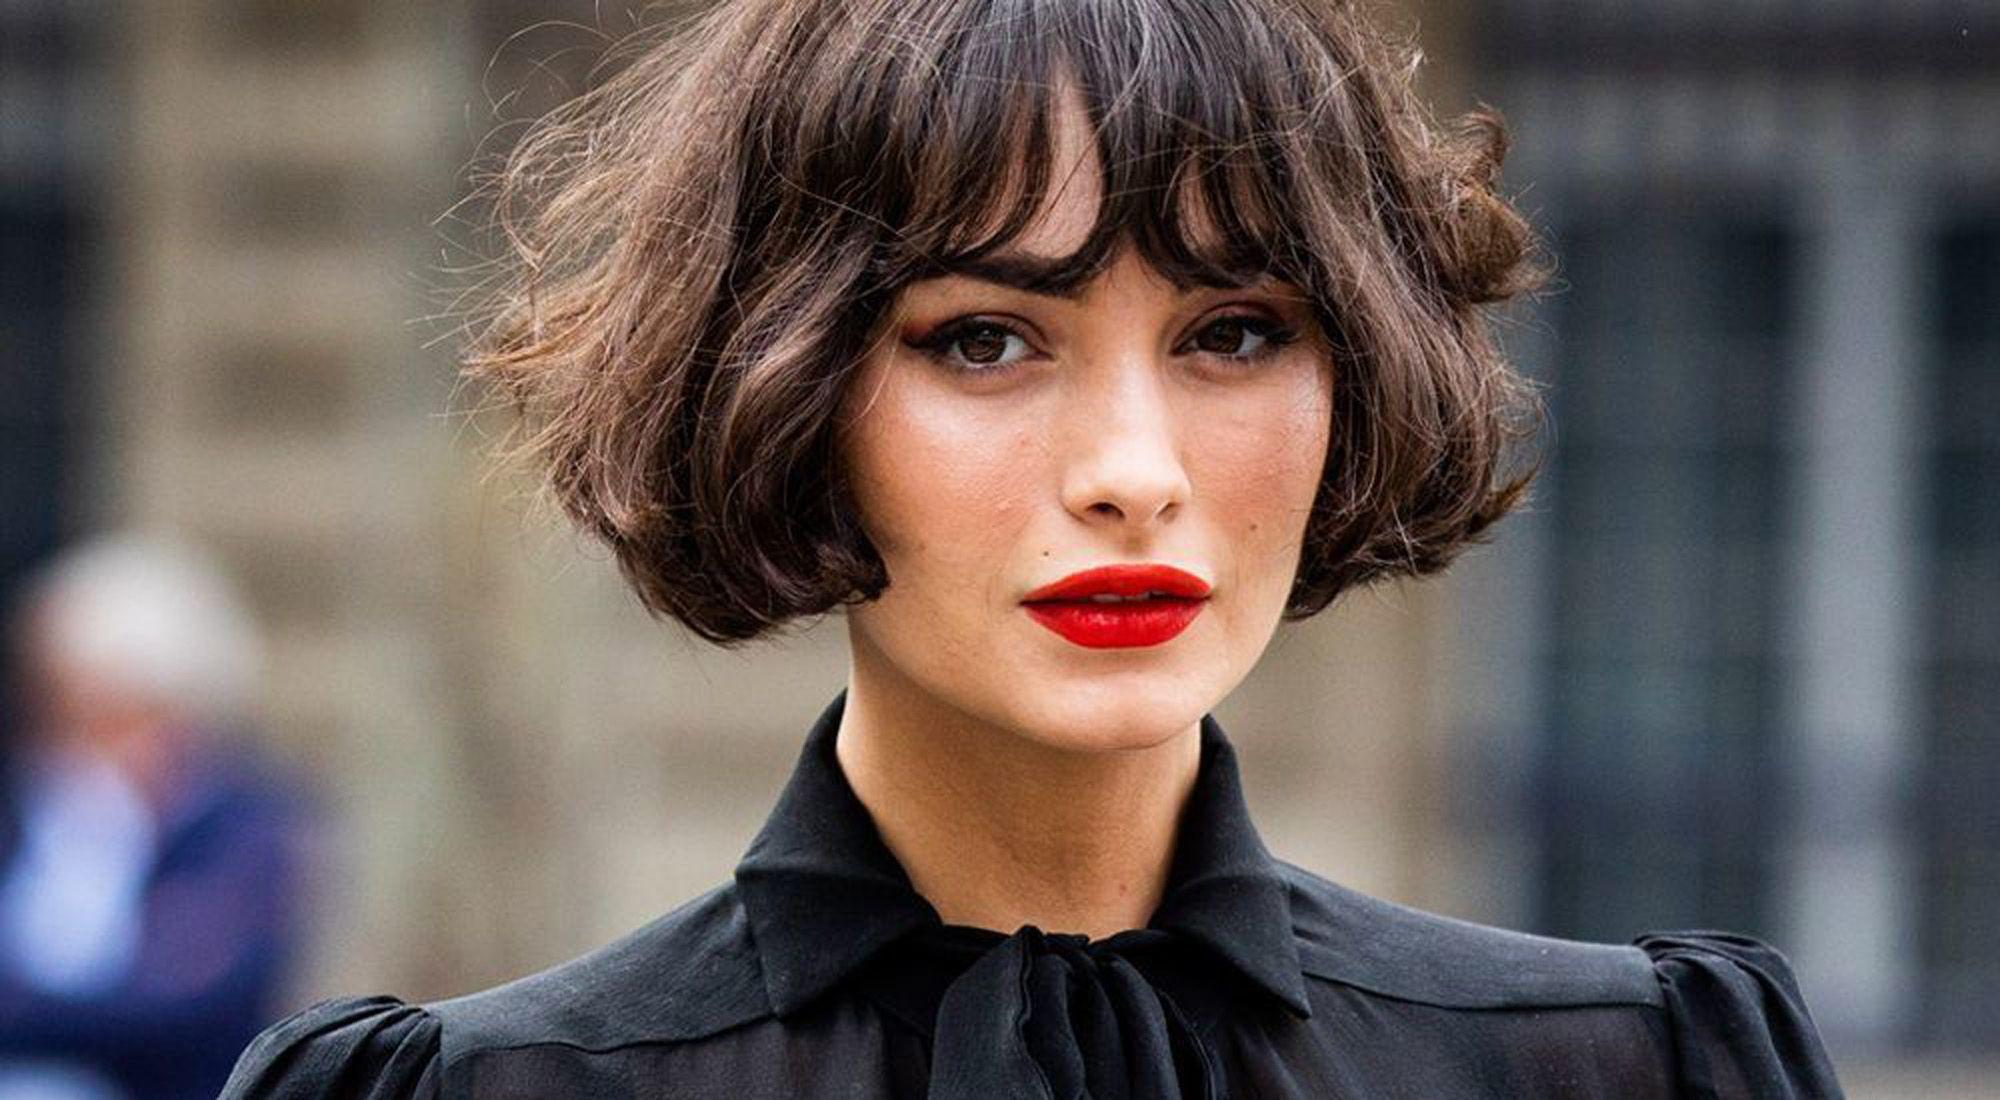 Lindo y sin esfuerzo peinados cortos con flequillo Galería de cortes de pelo Ideas - Marie Claire   10 estilos de pelo corto con flequillo que ...